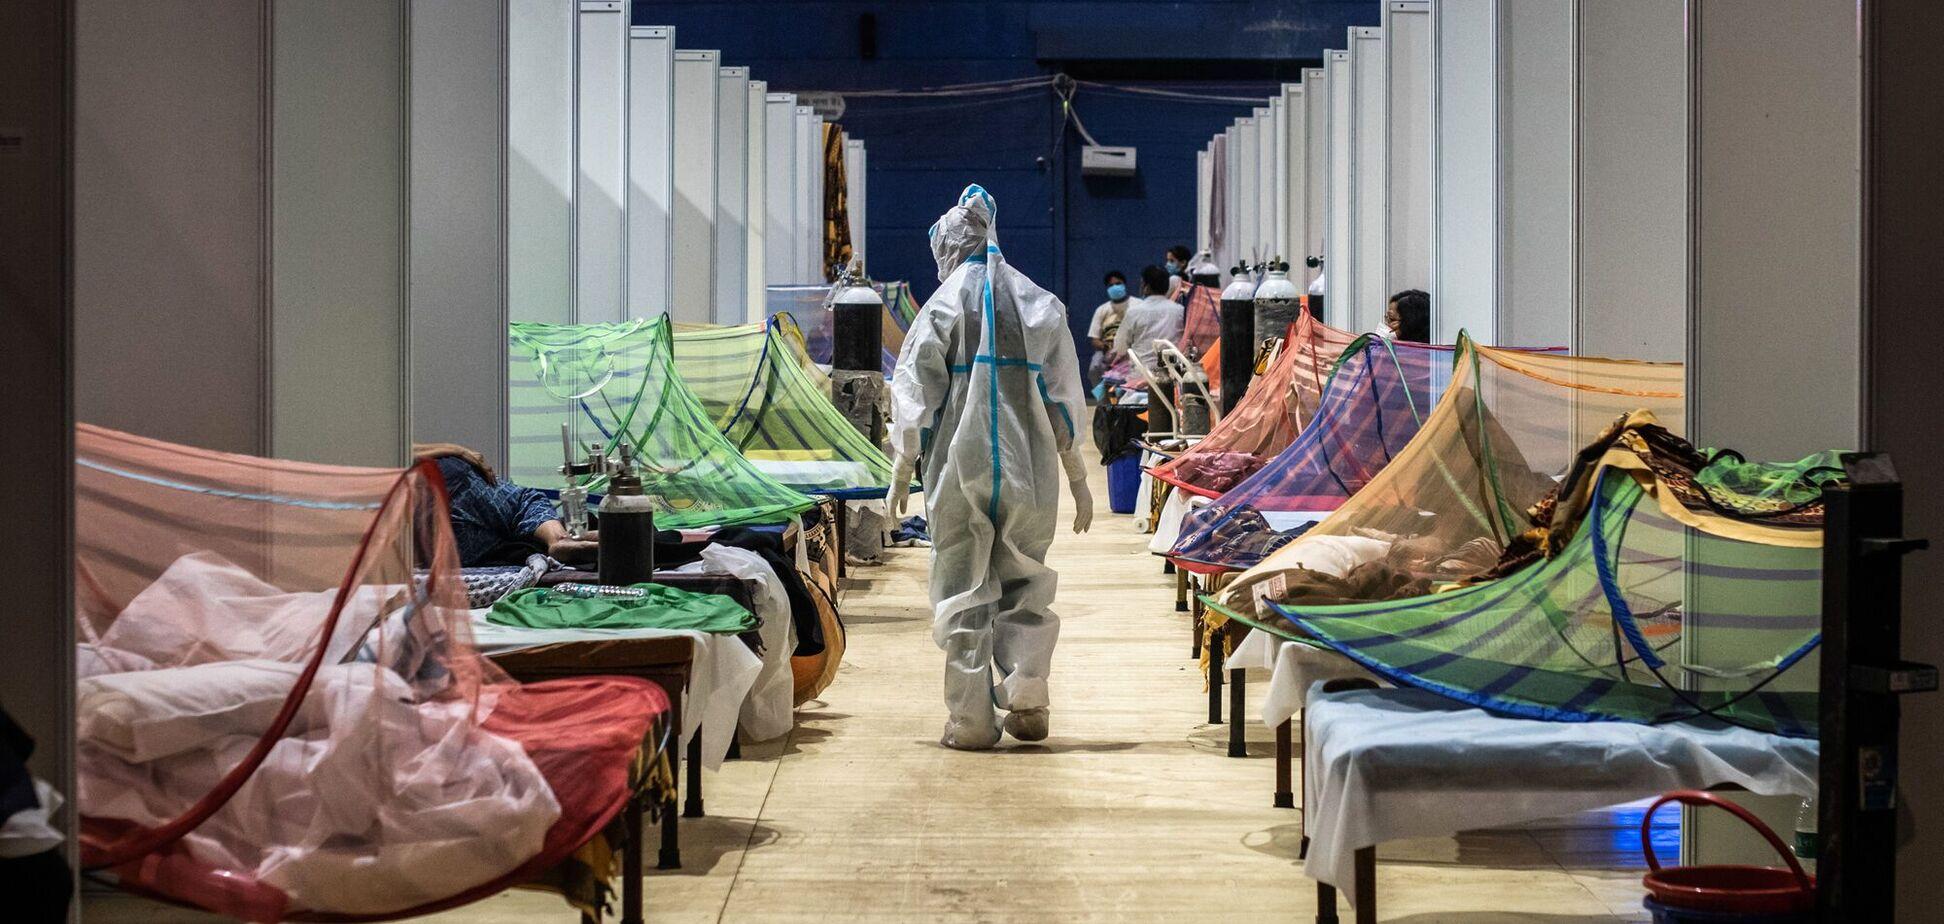 В Індії від COVID-19 померло понад 400 тисяч осіб, влада прискорила вакцинацію